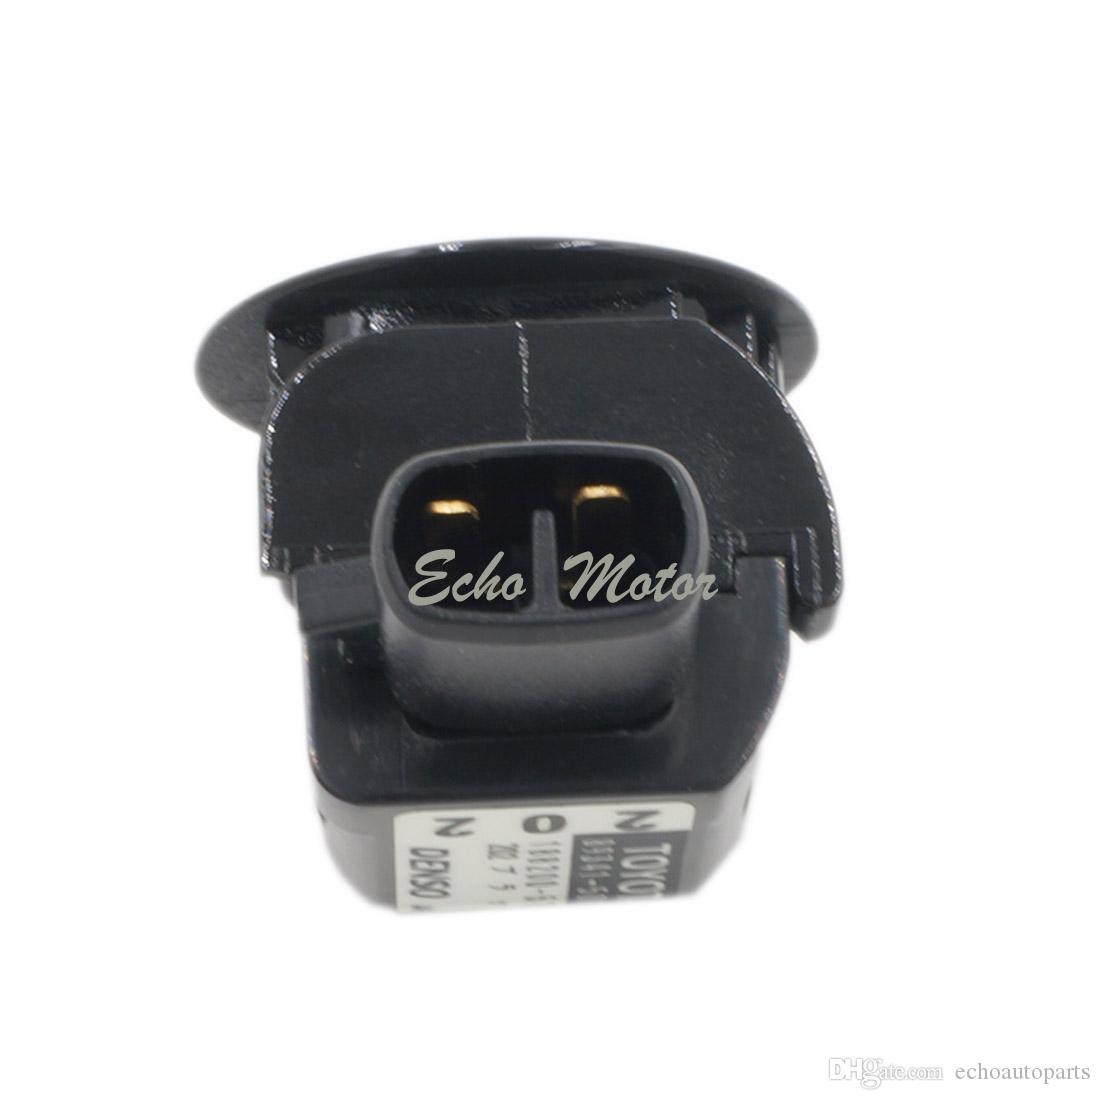 NOUVEAU 89341-50050-C0 Capteur de stationnement de voiture Capteur d'origine pour Toyota Celsior Lexus LS430 89341-50050 Véritable Livraison gratuite